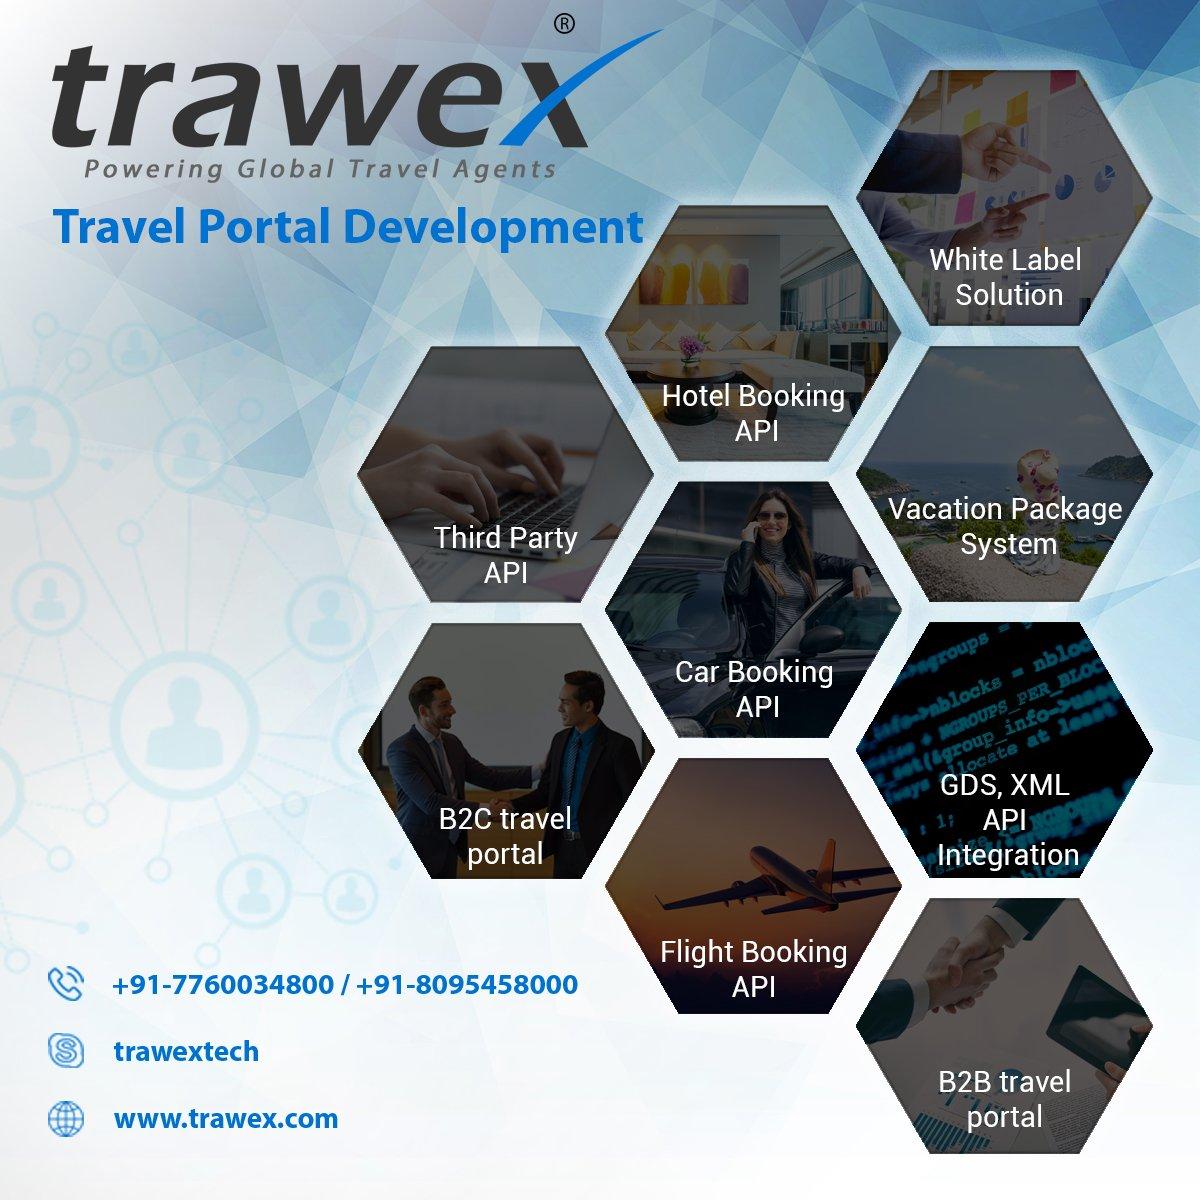 TrawexTech photo